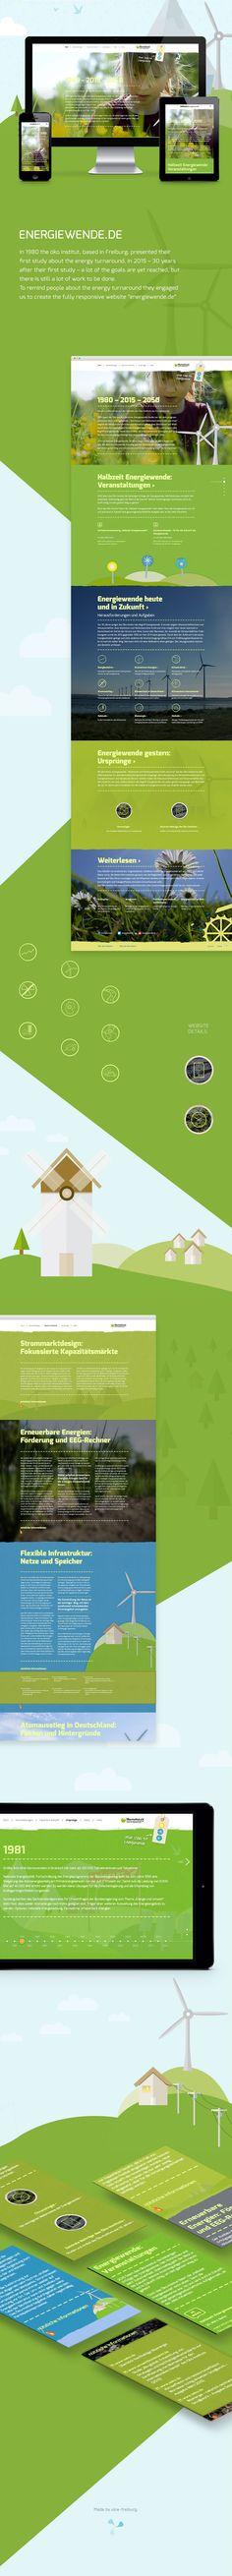 Website Design for Öko Institut Freiburg. www.energiewende.de  by www.ukw-freiburg.de  #webdesign #website #ukwfreiburg